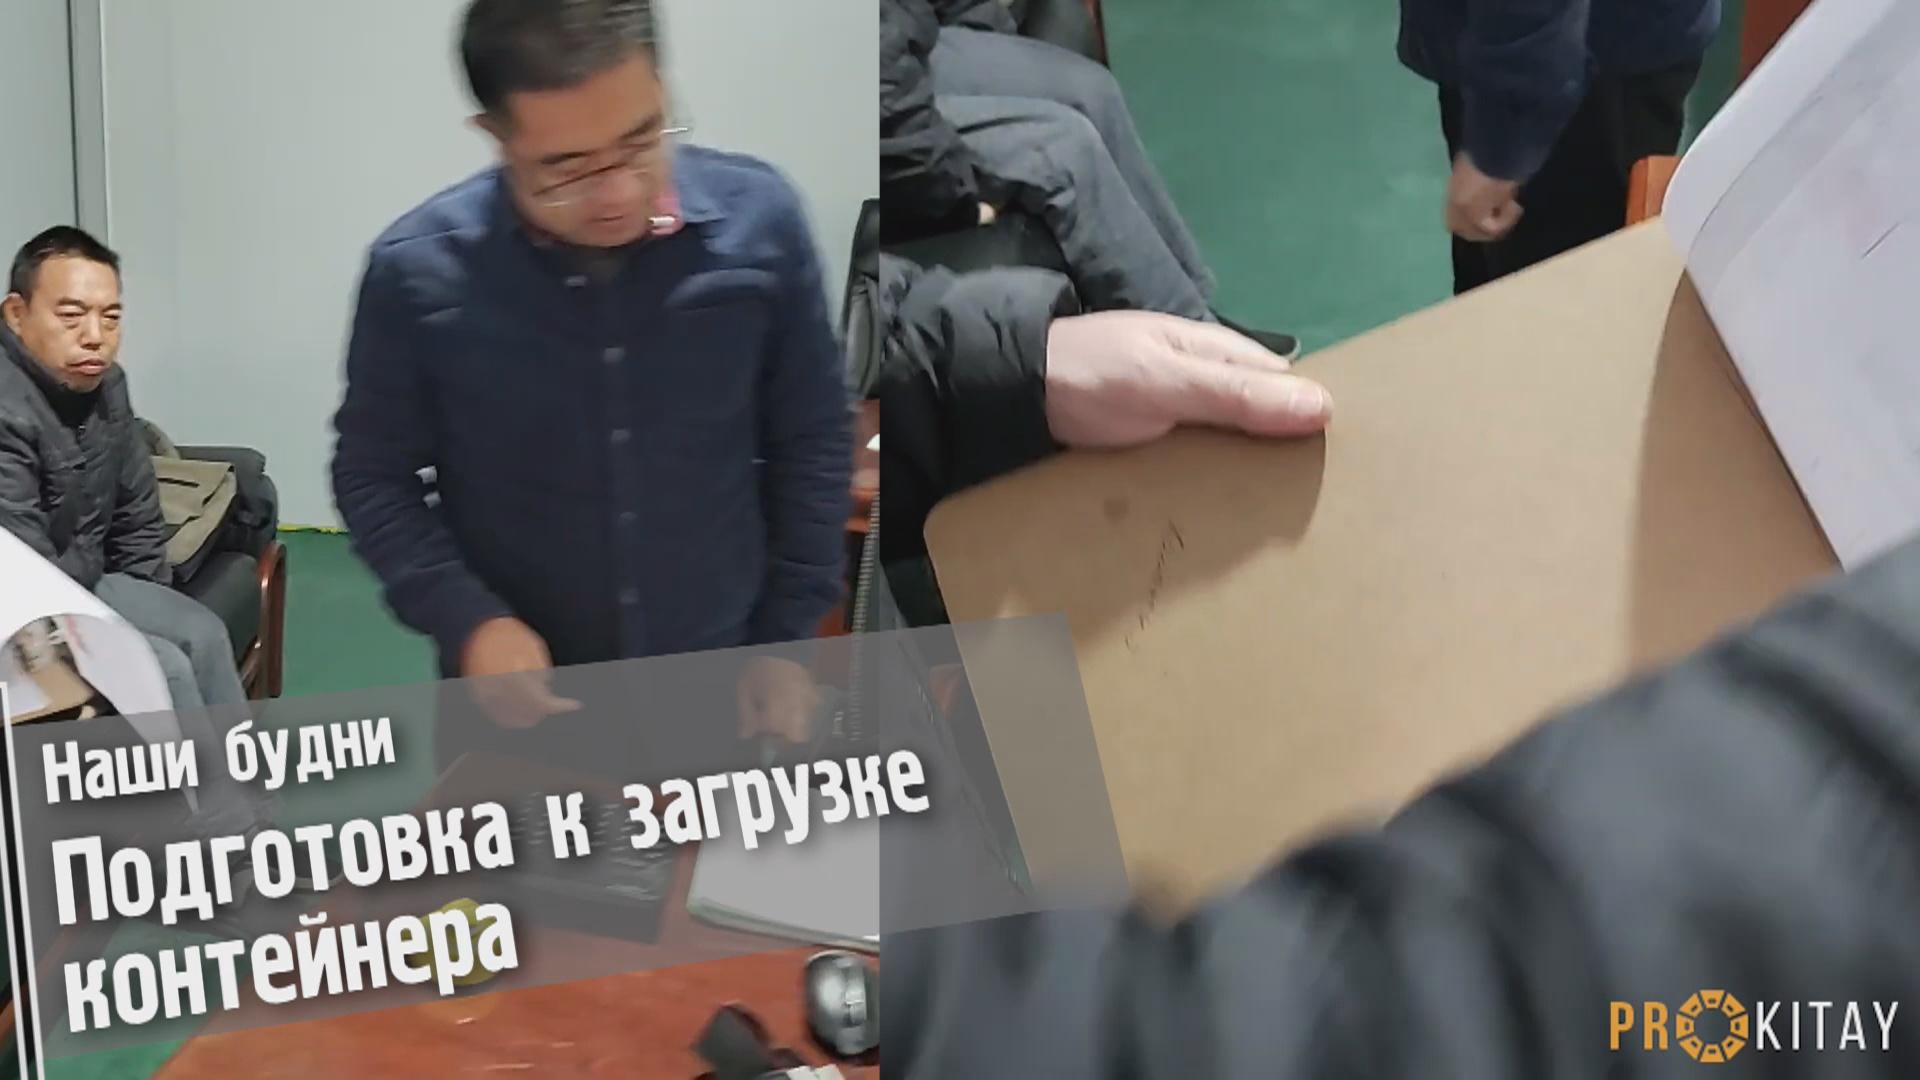 Монтаж видео про китайский склад